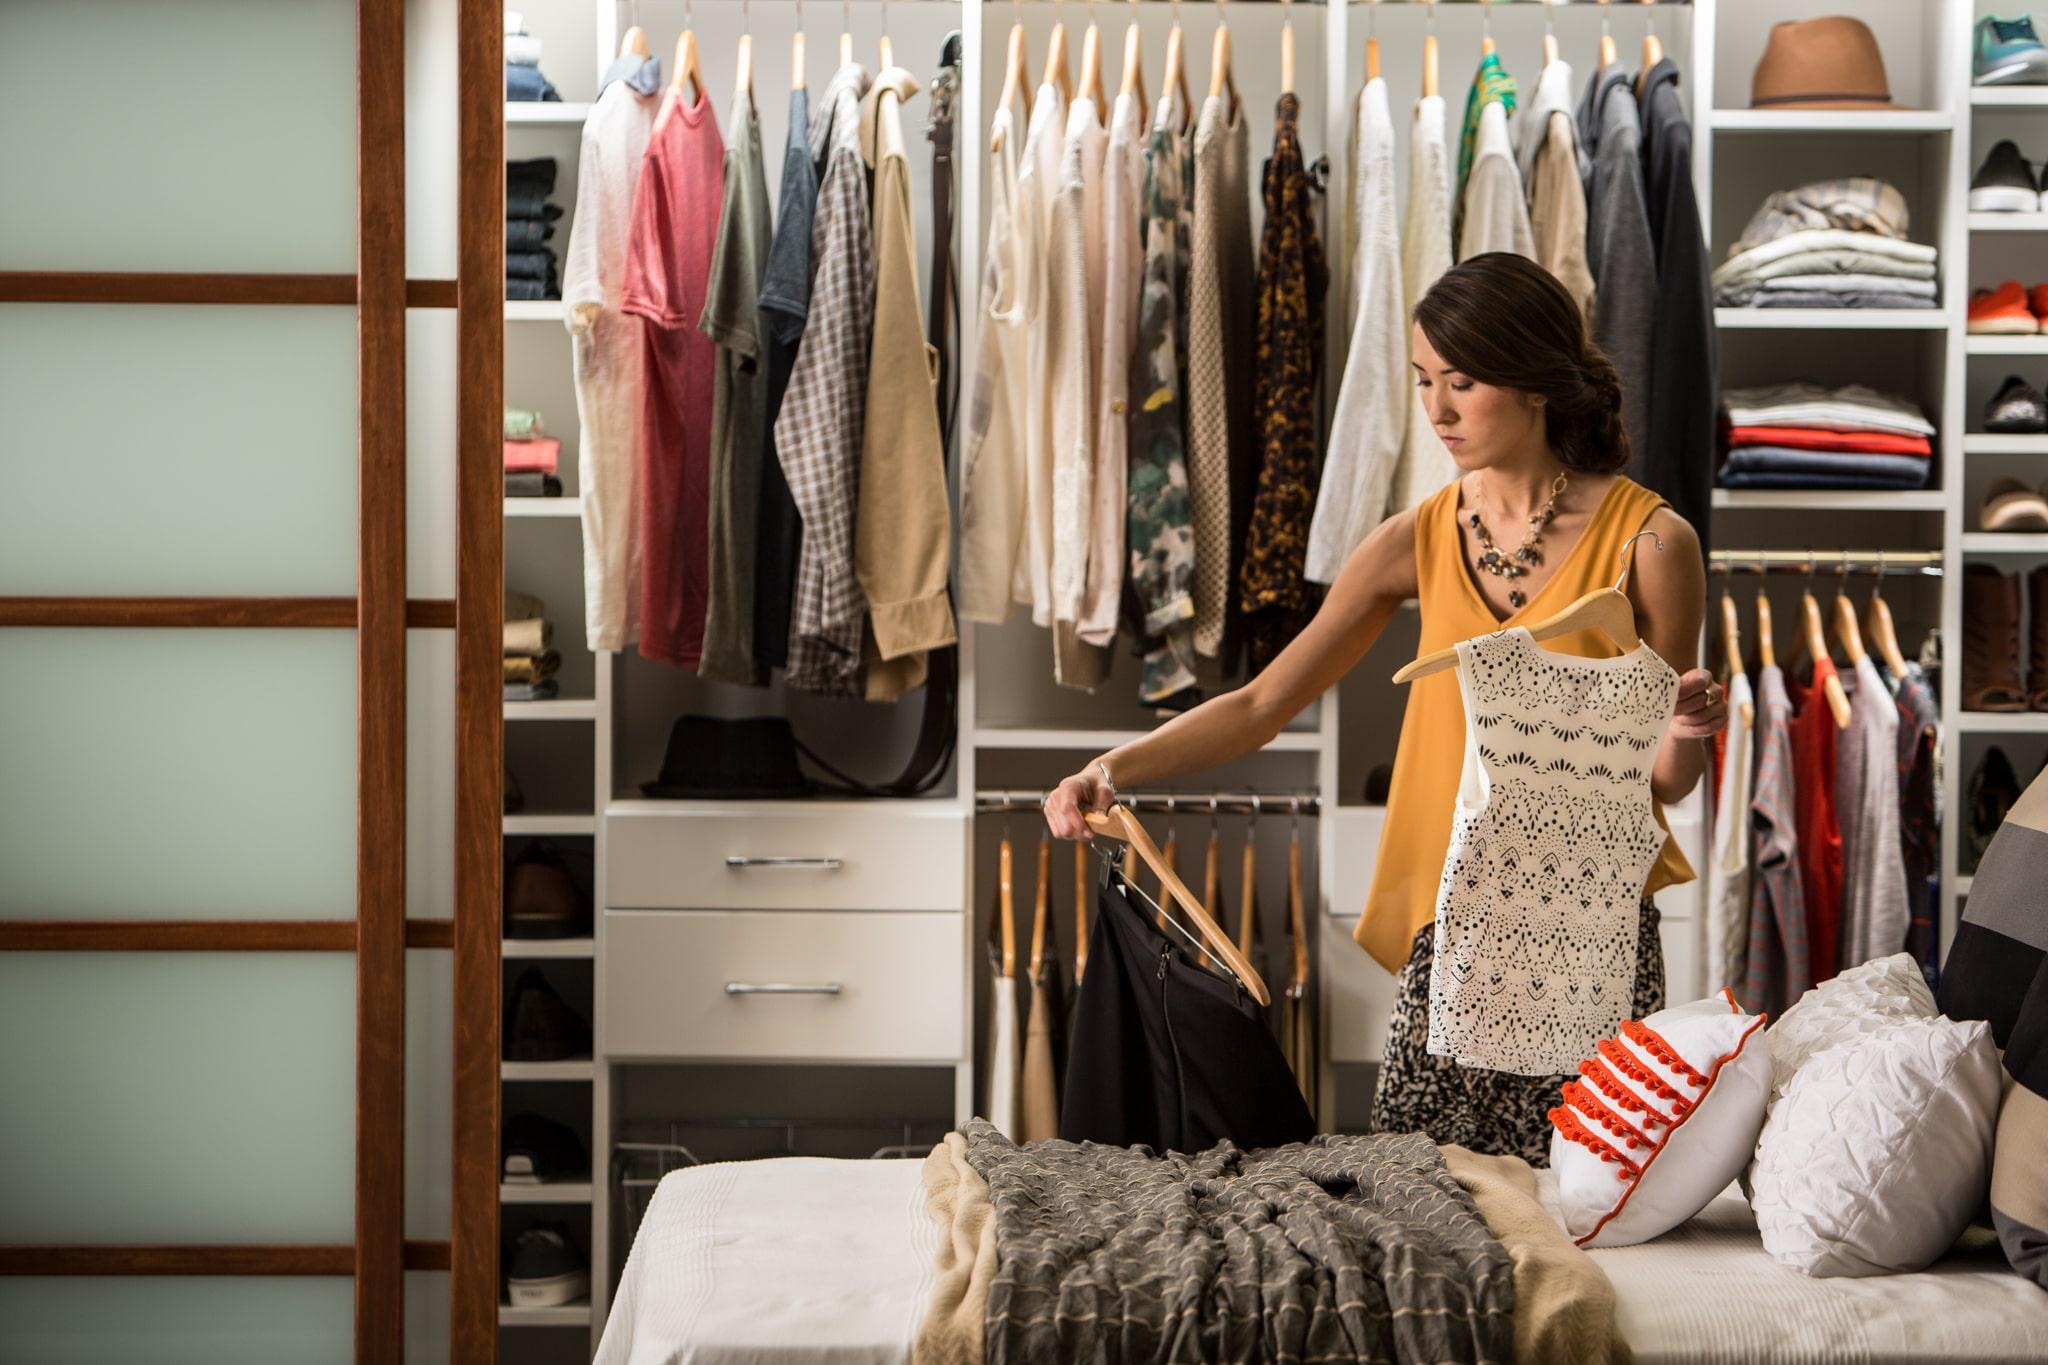 Closet Design Checklist How To Prepare For Your Closet